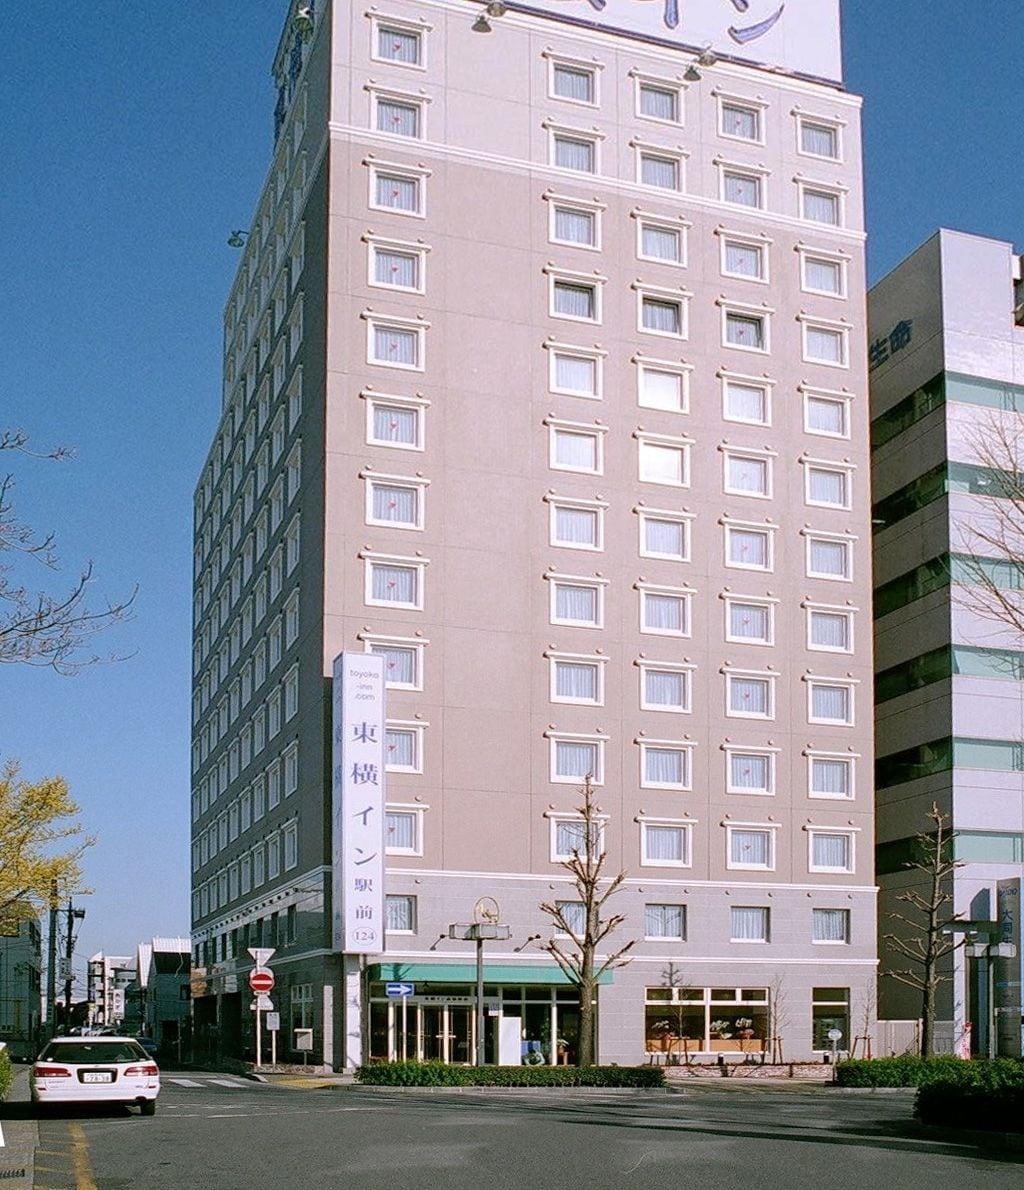 Toyoko Inn Maebashi Ekimae, Maebashi